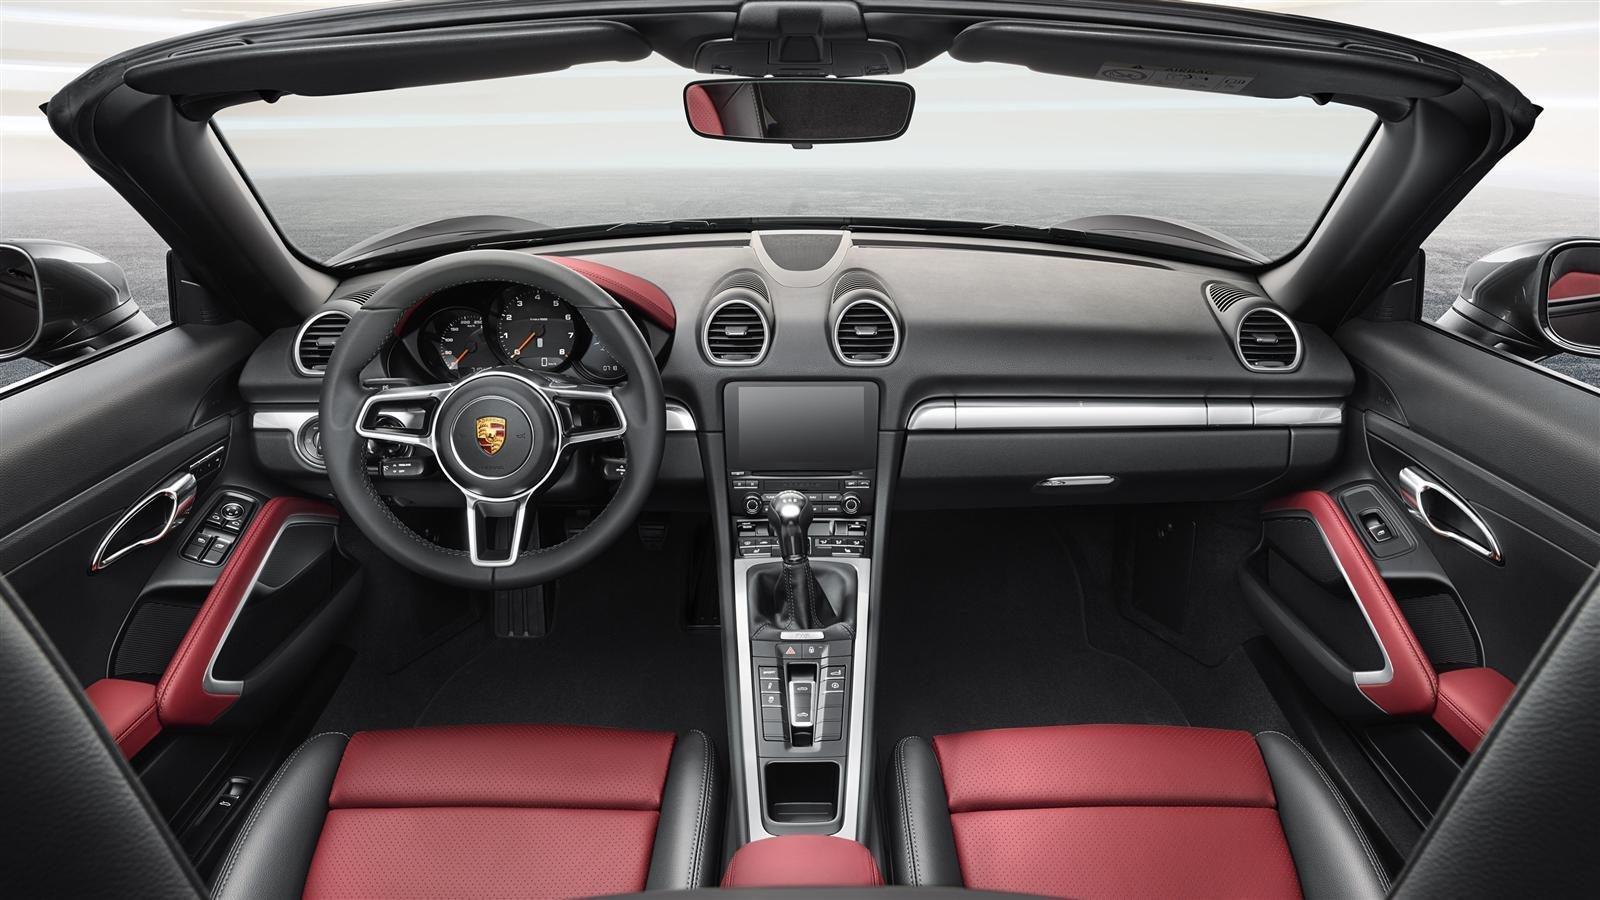 Impressoes Novo Porsche 718 Boxster Gts Quatro Rodas